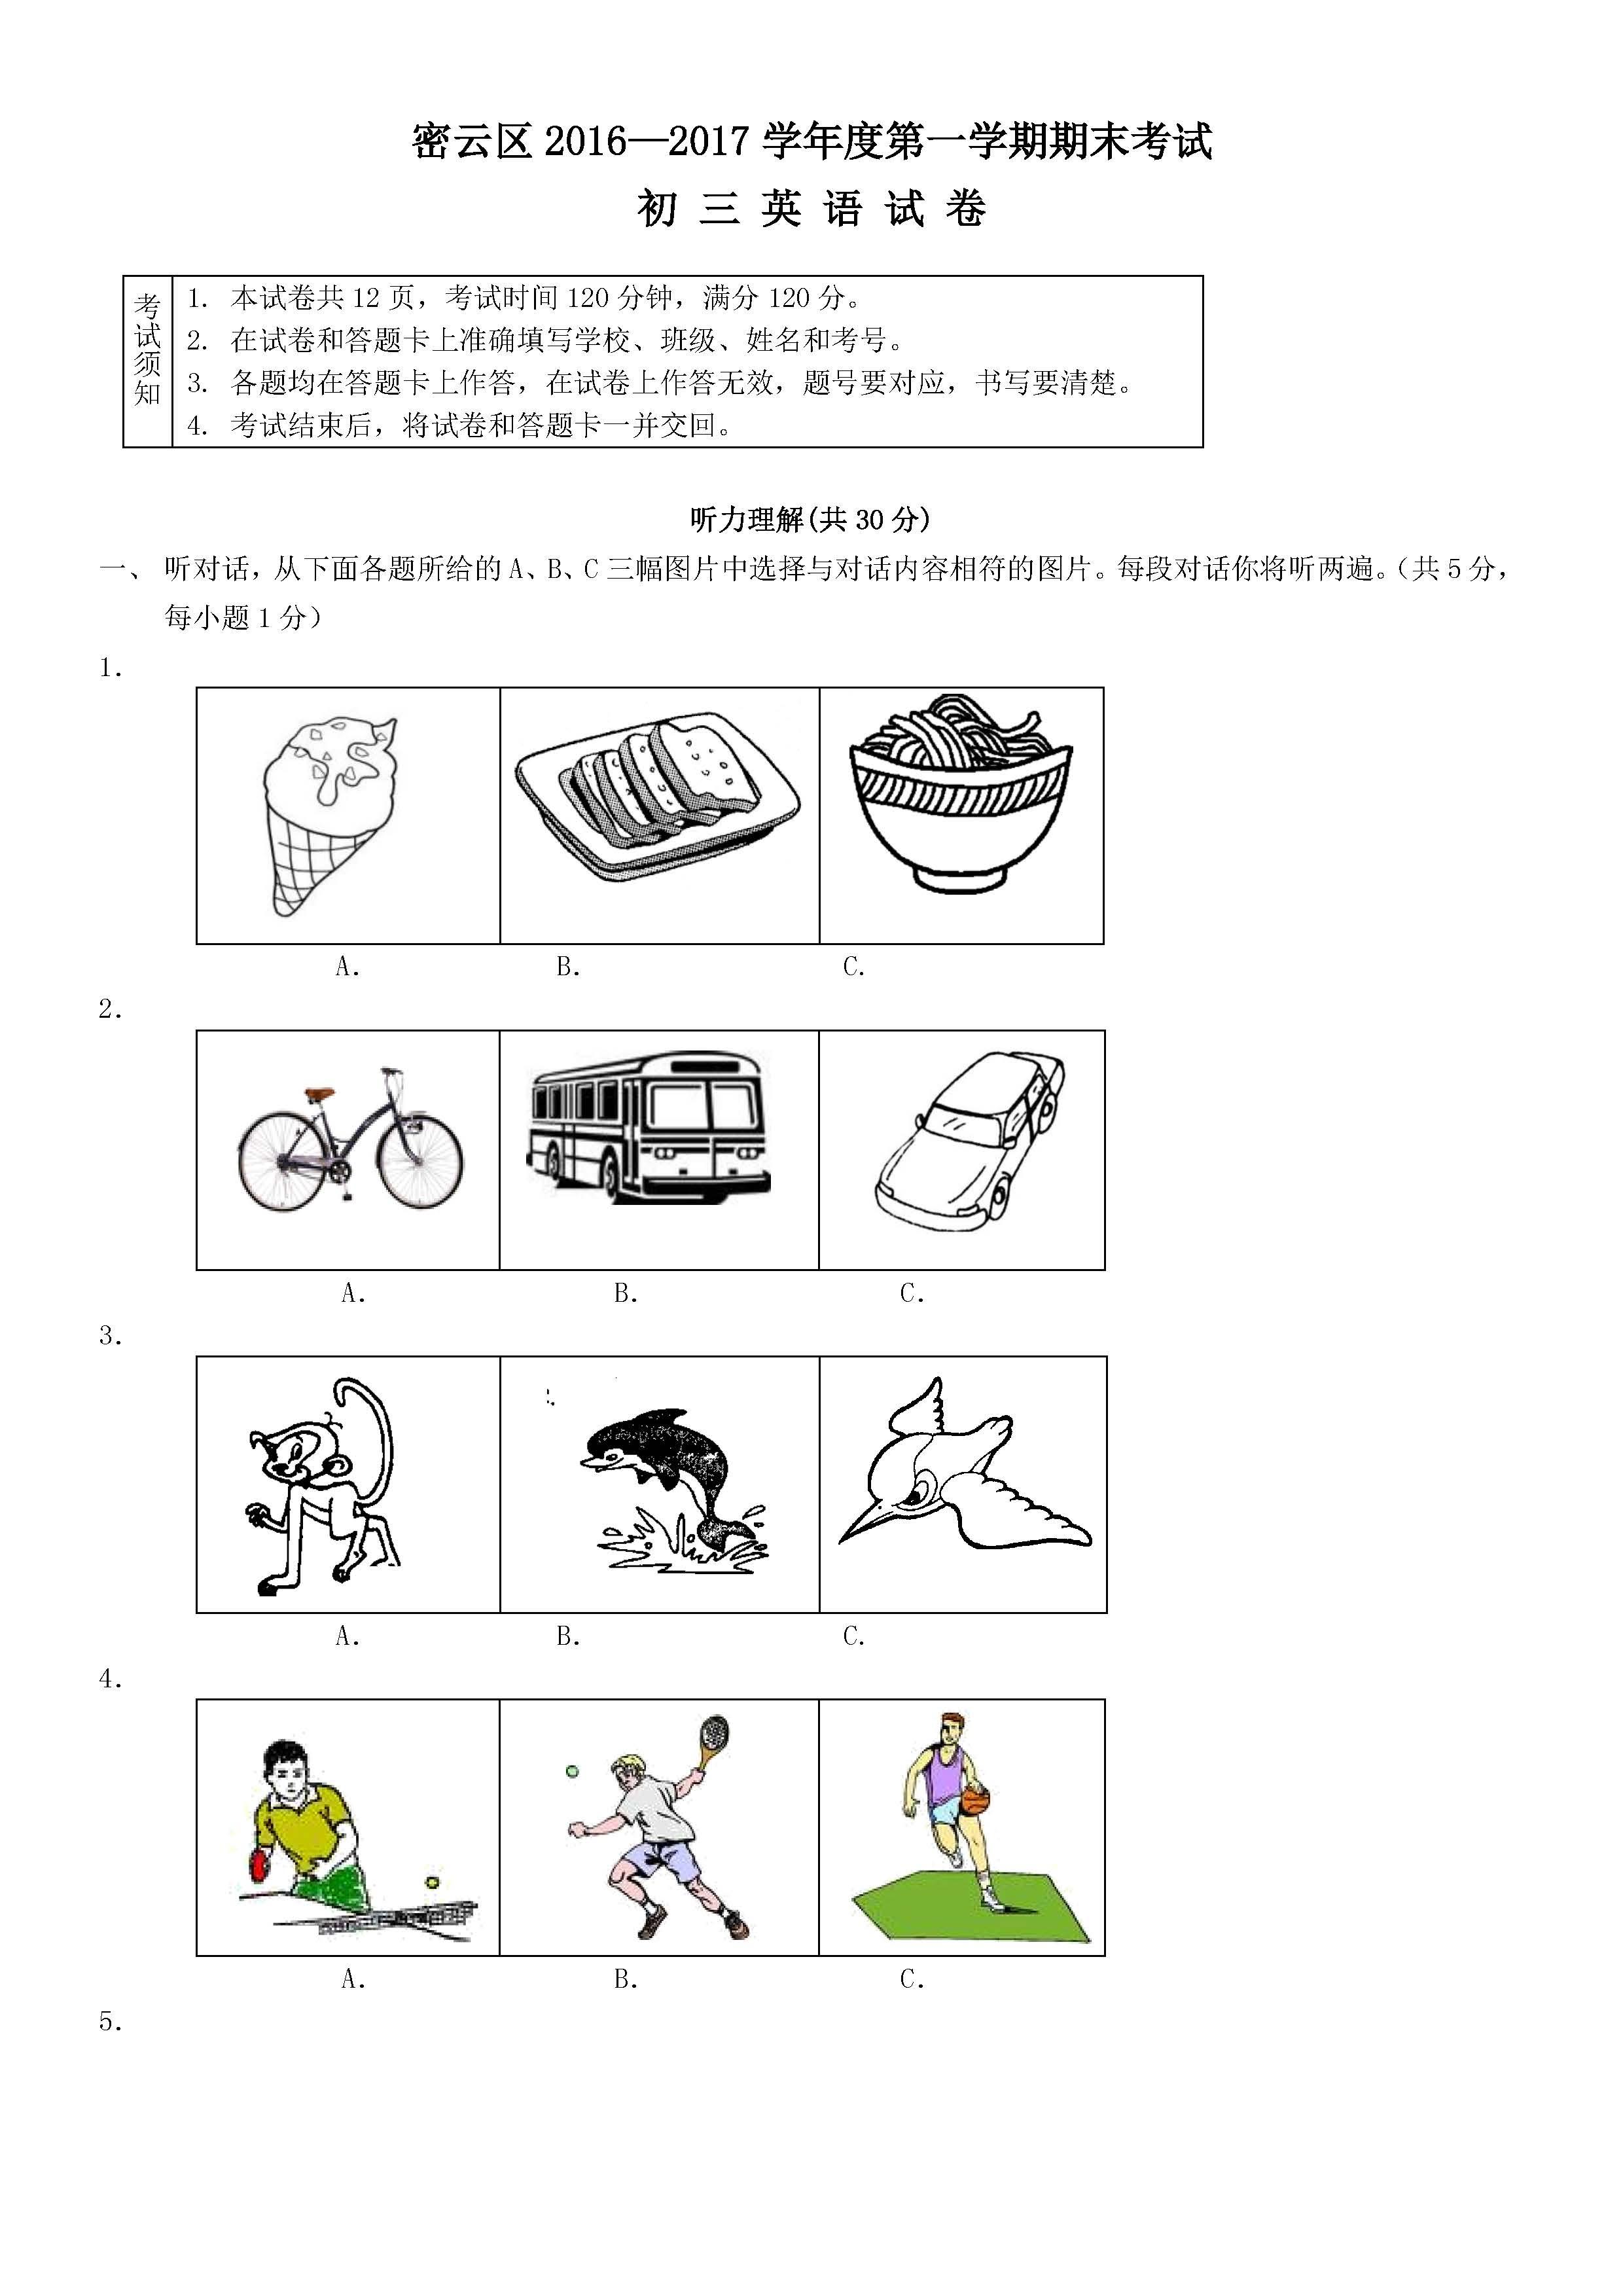 2017.1密云初三上期末英语试题及答案(图片版)